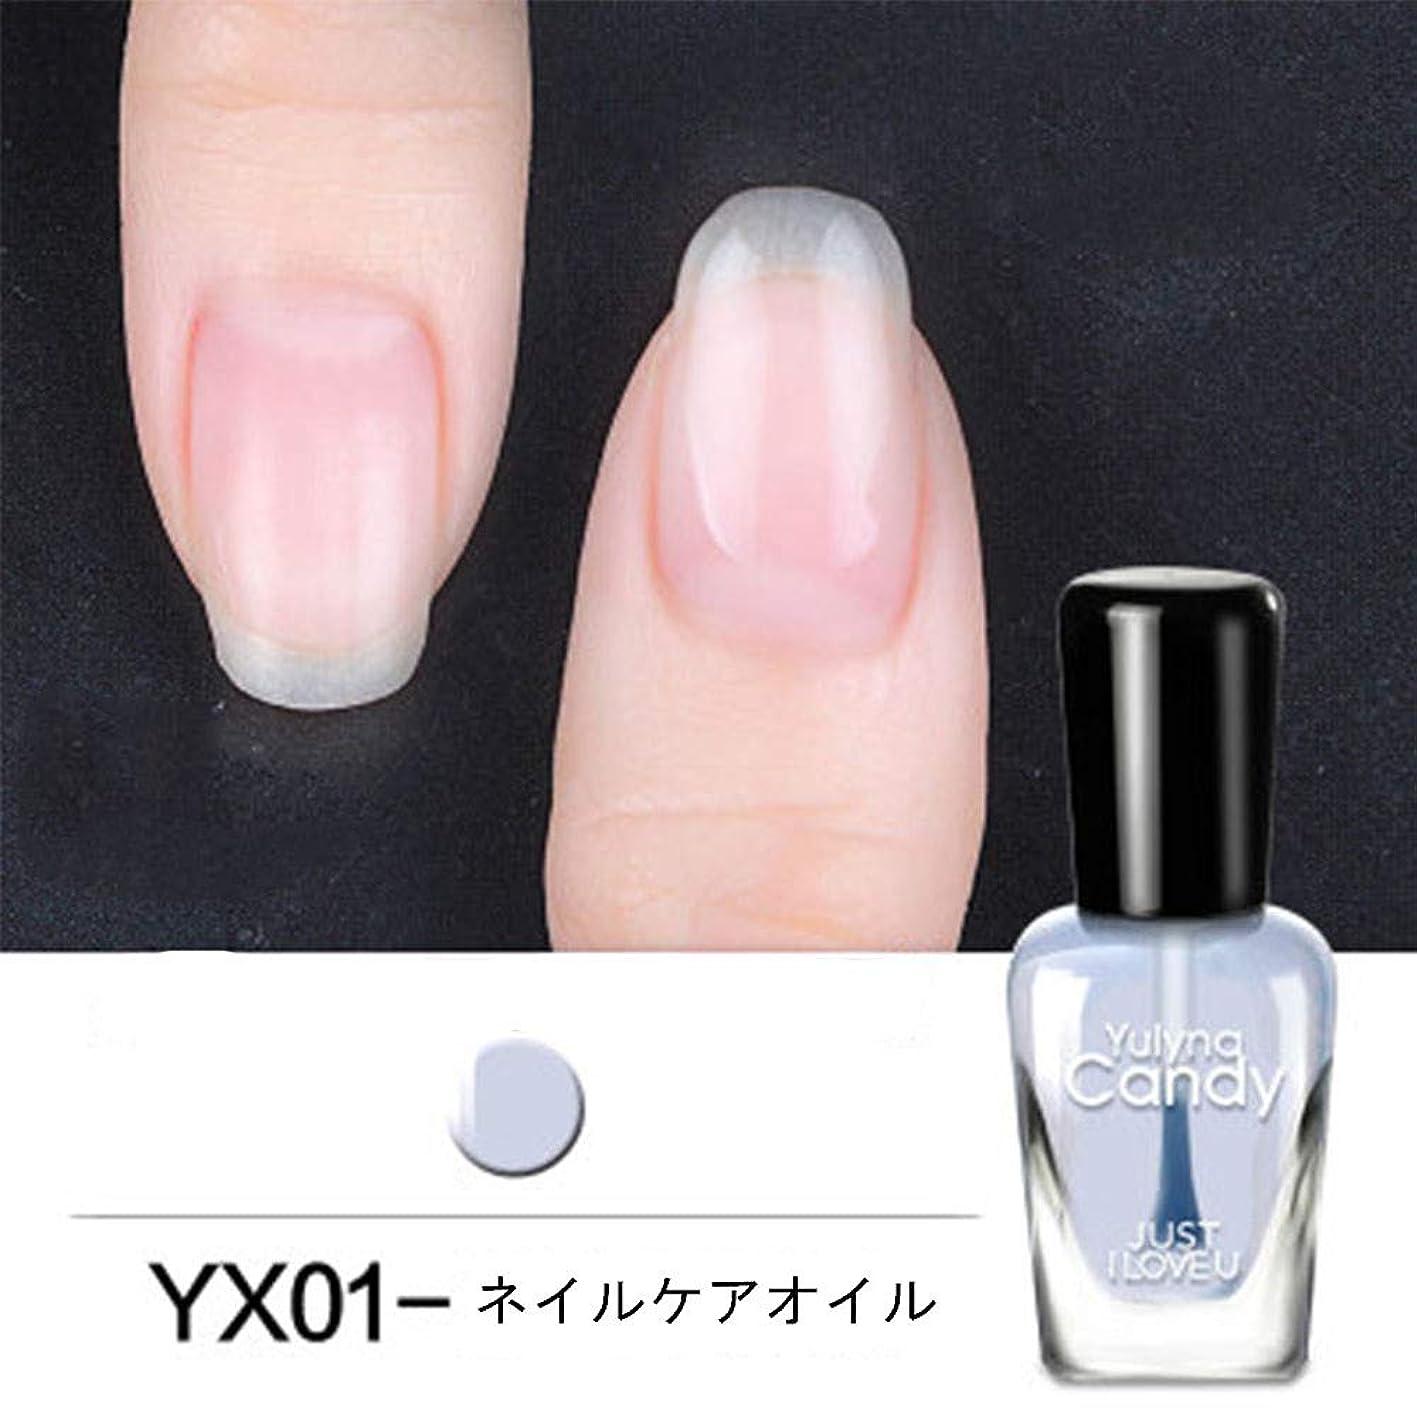 ヒューズ鎮痛剤世代ベースコート ネイルケアオイル 7ml/本 (XY01)